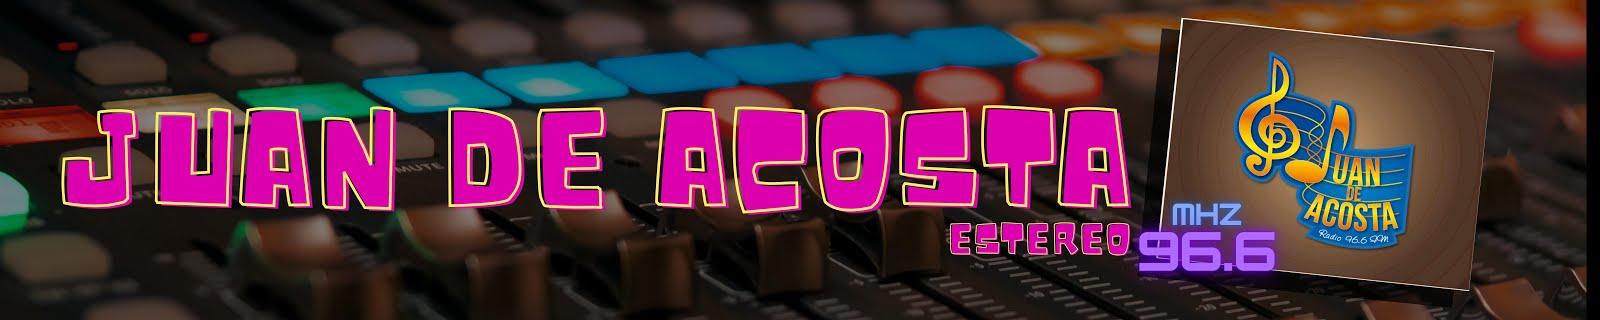 Juan de Acosta Radio